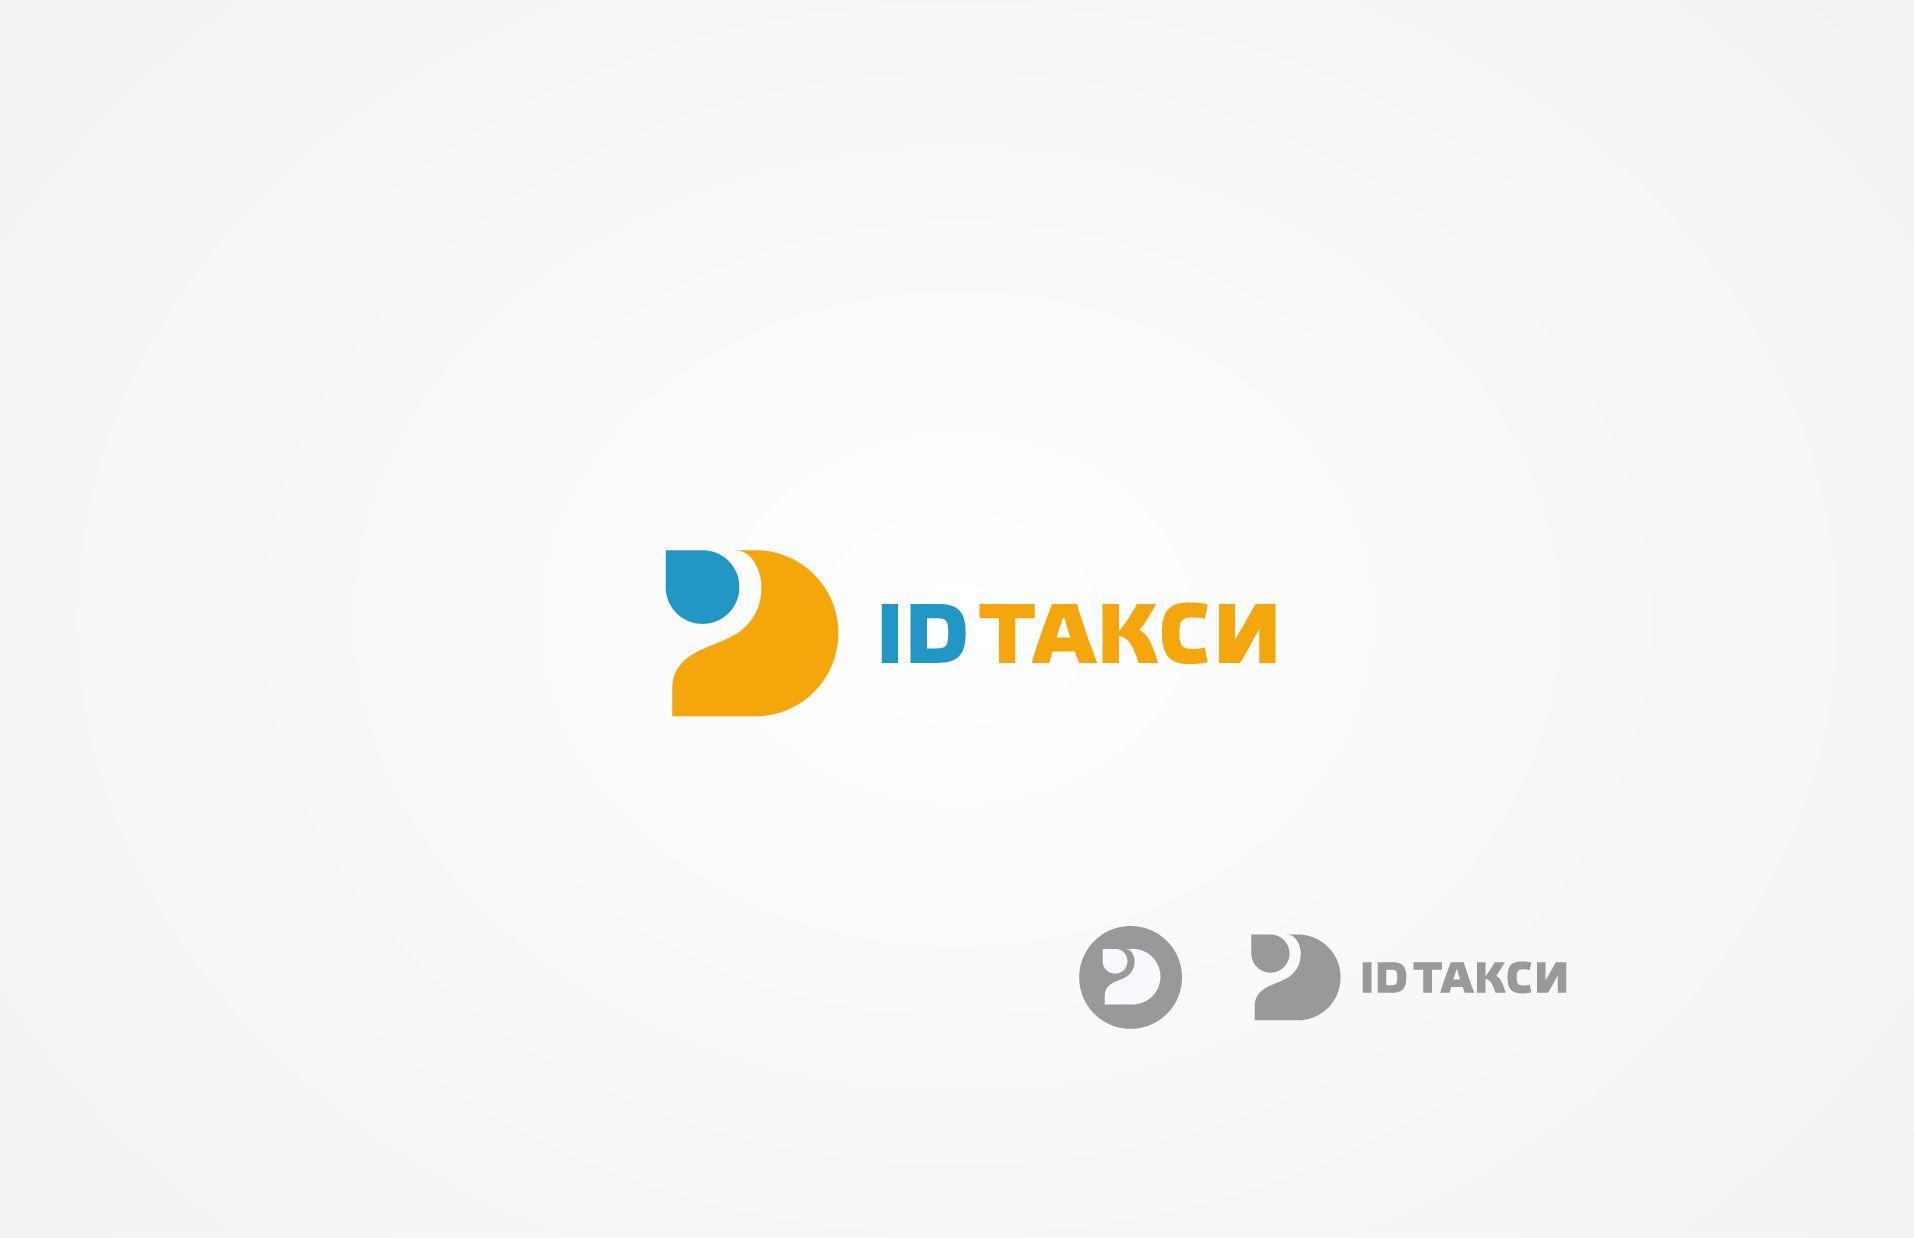 Лого и фирменный стиль для iD Такси - дизайнер V0va